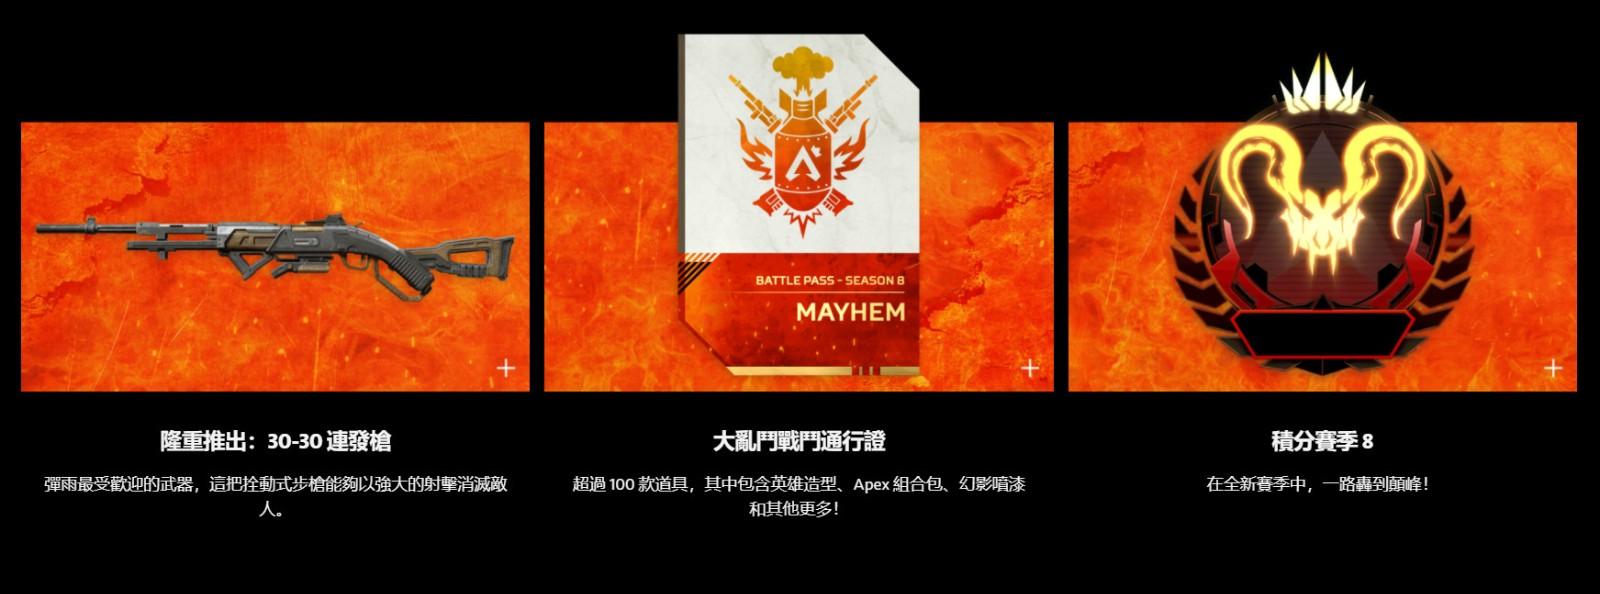 《Apex英雄》第八赛季中文发售预告公开